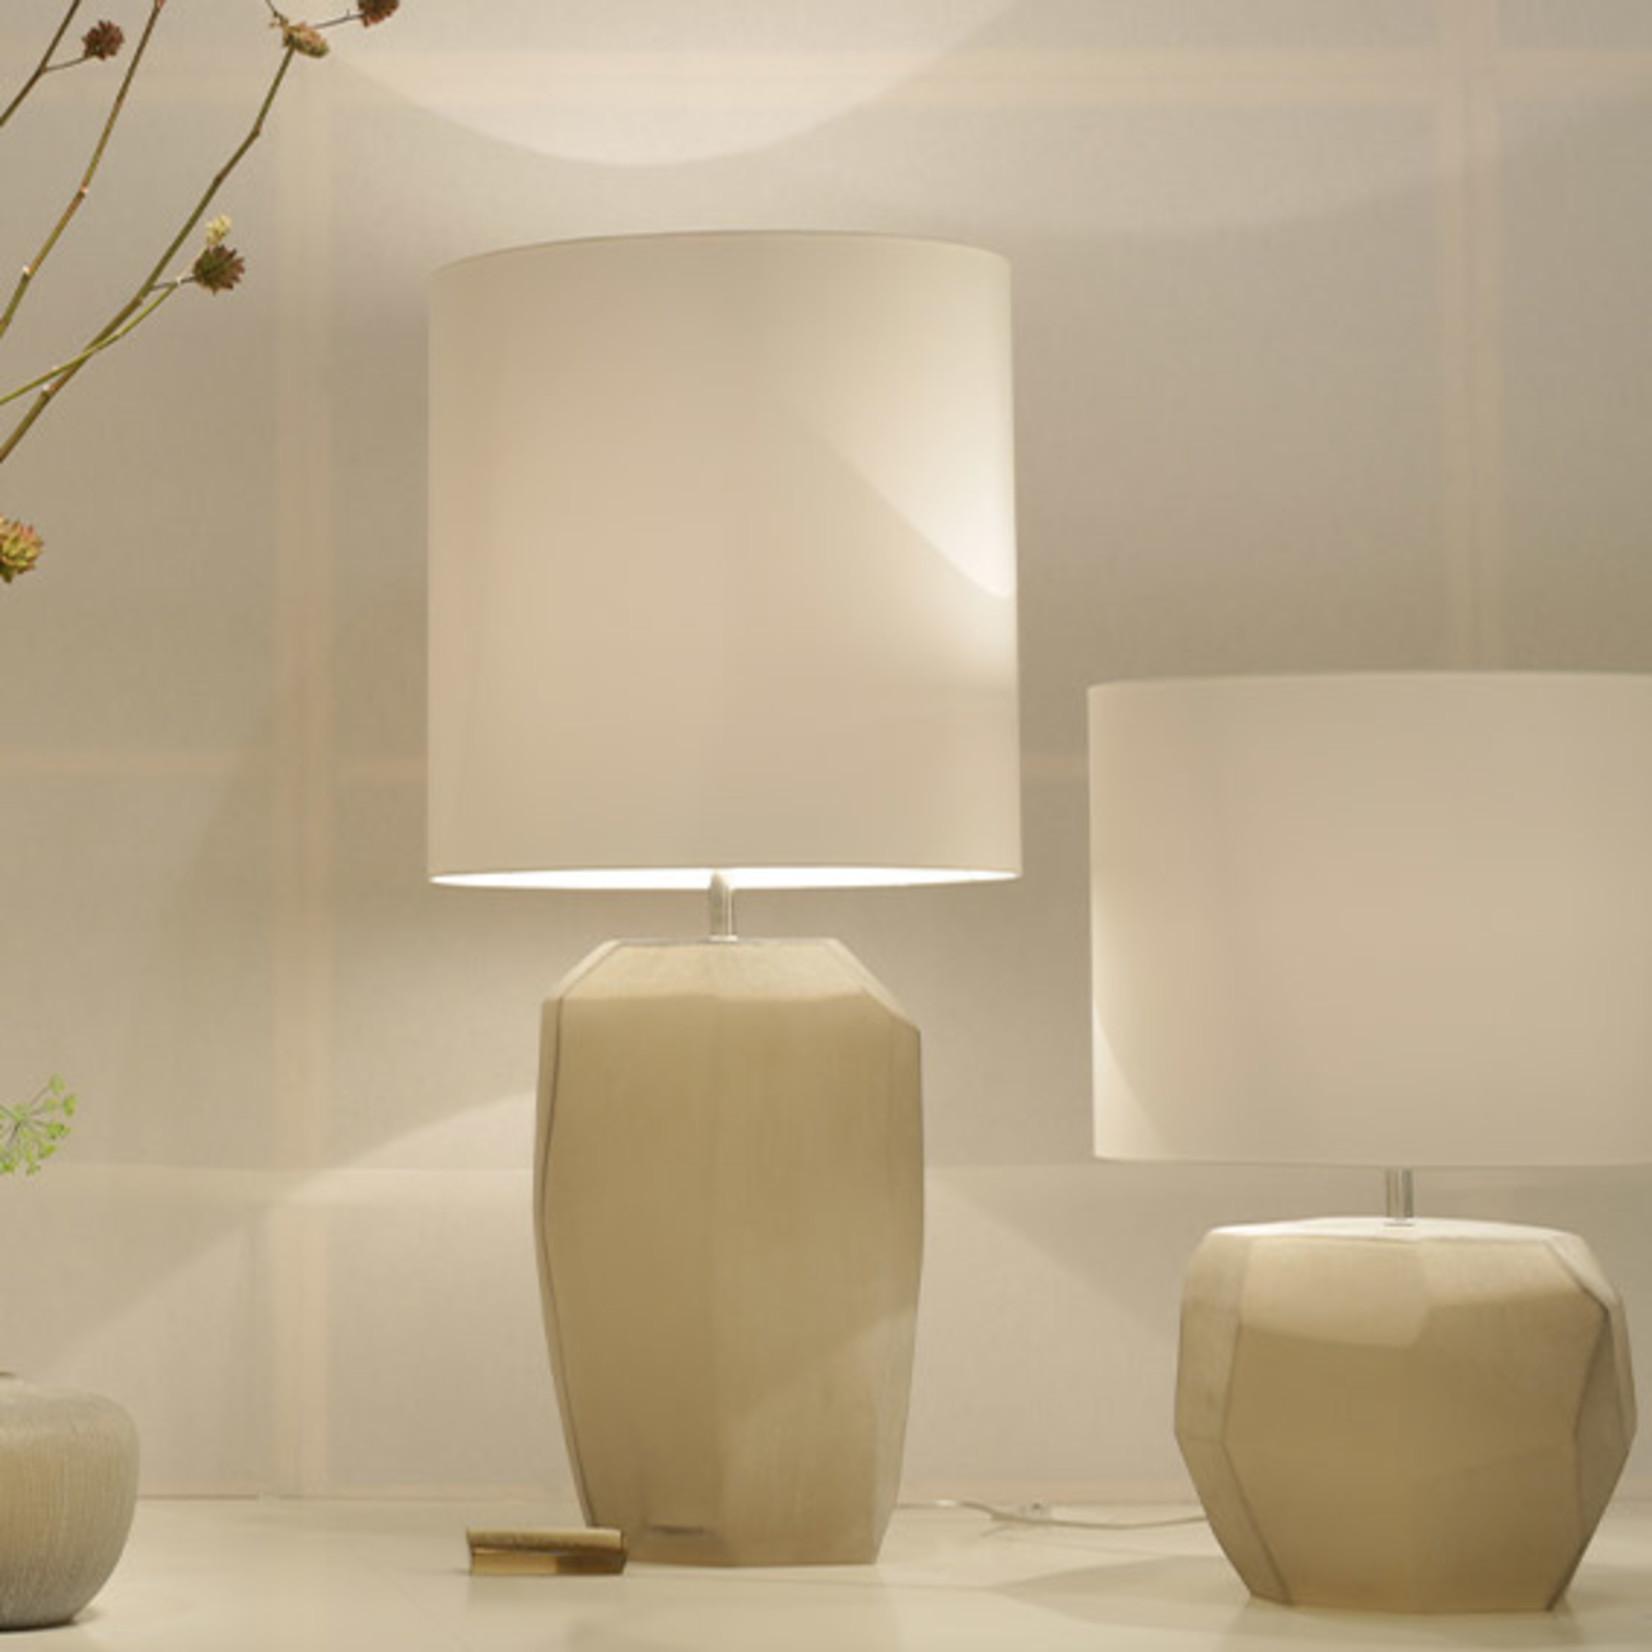 Guaxs Lampe de table cubiste ronde | Smokegrey